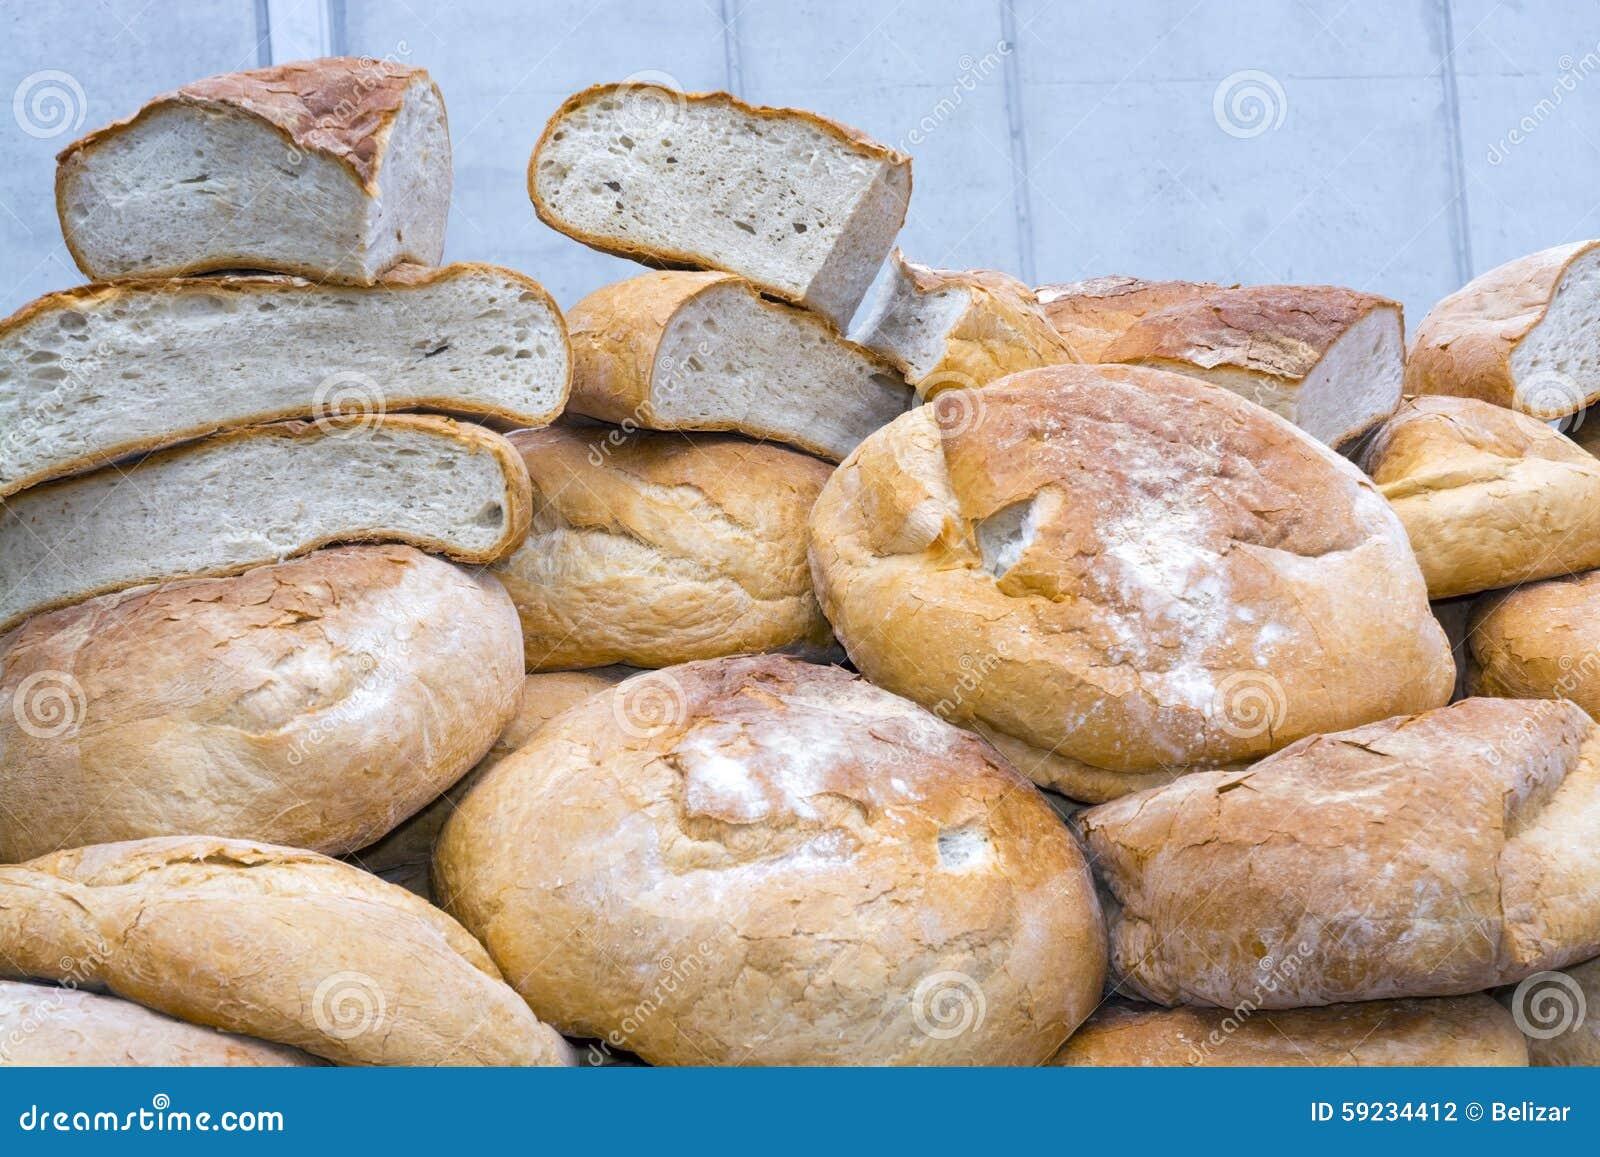 Download Pila de pan foto de archivo. Imagen de panadería, hungría - 59234412